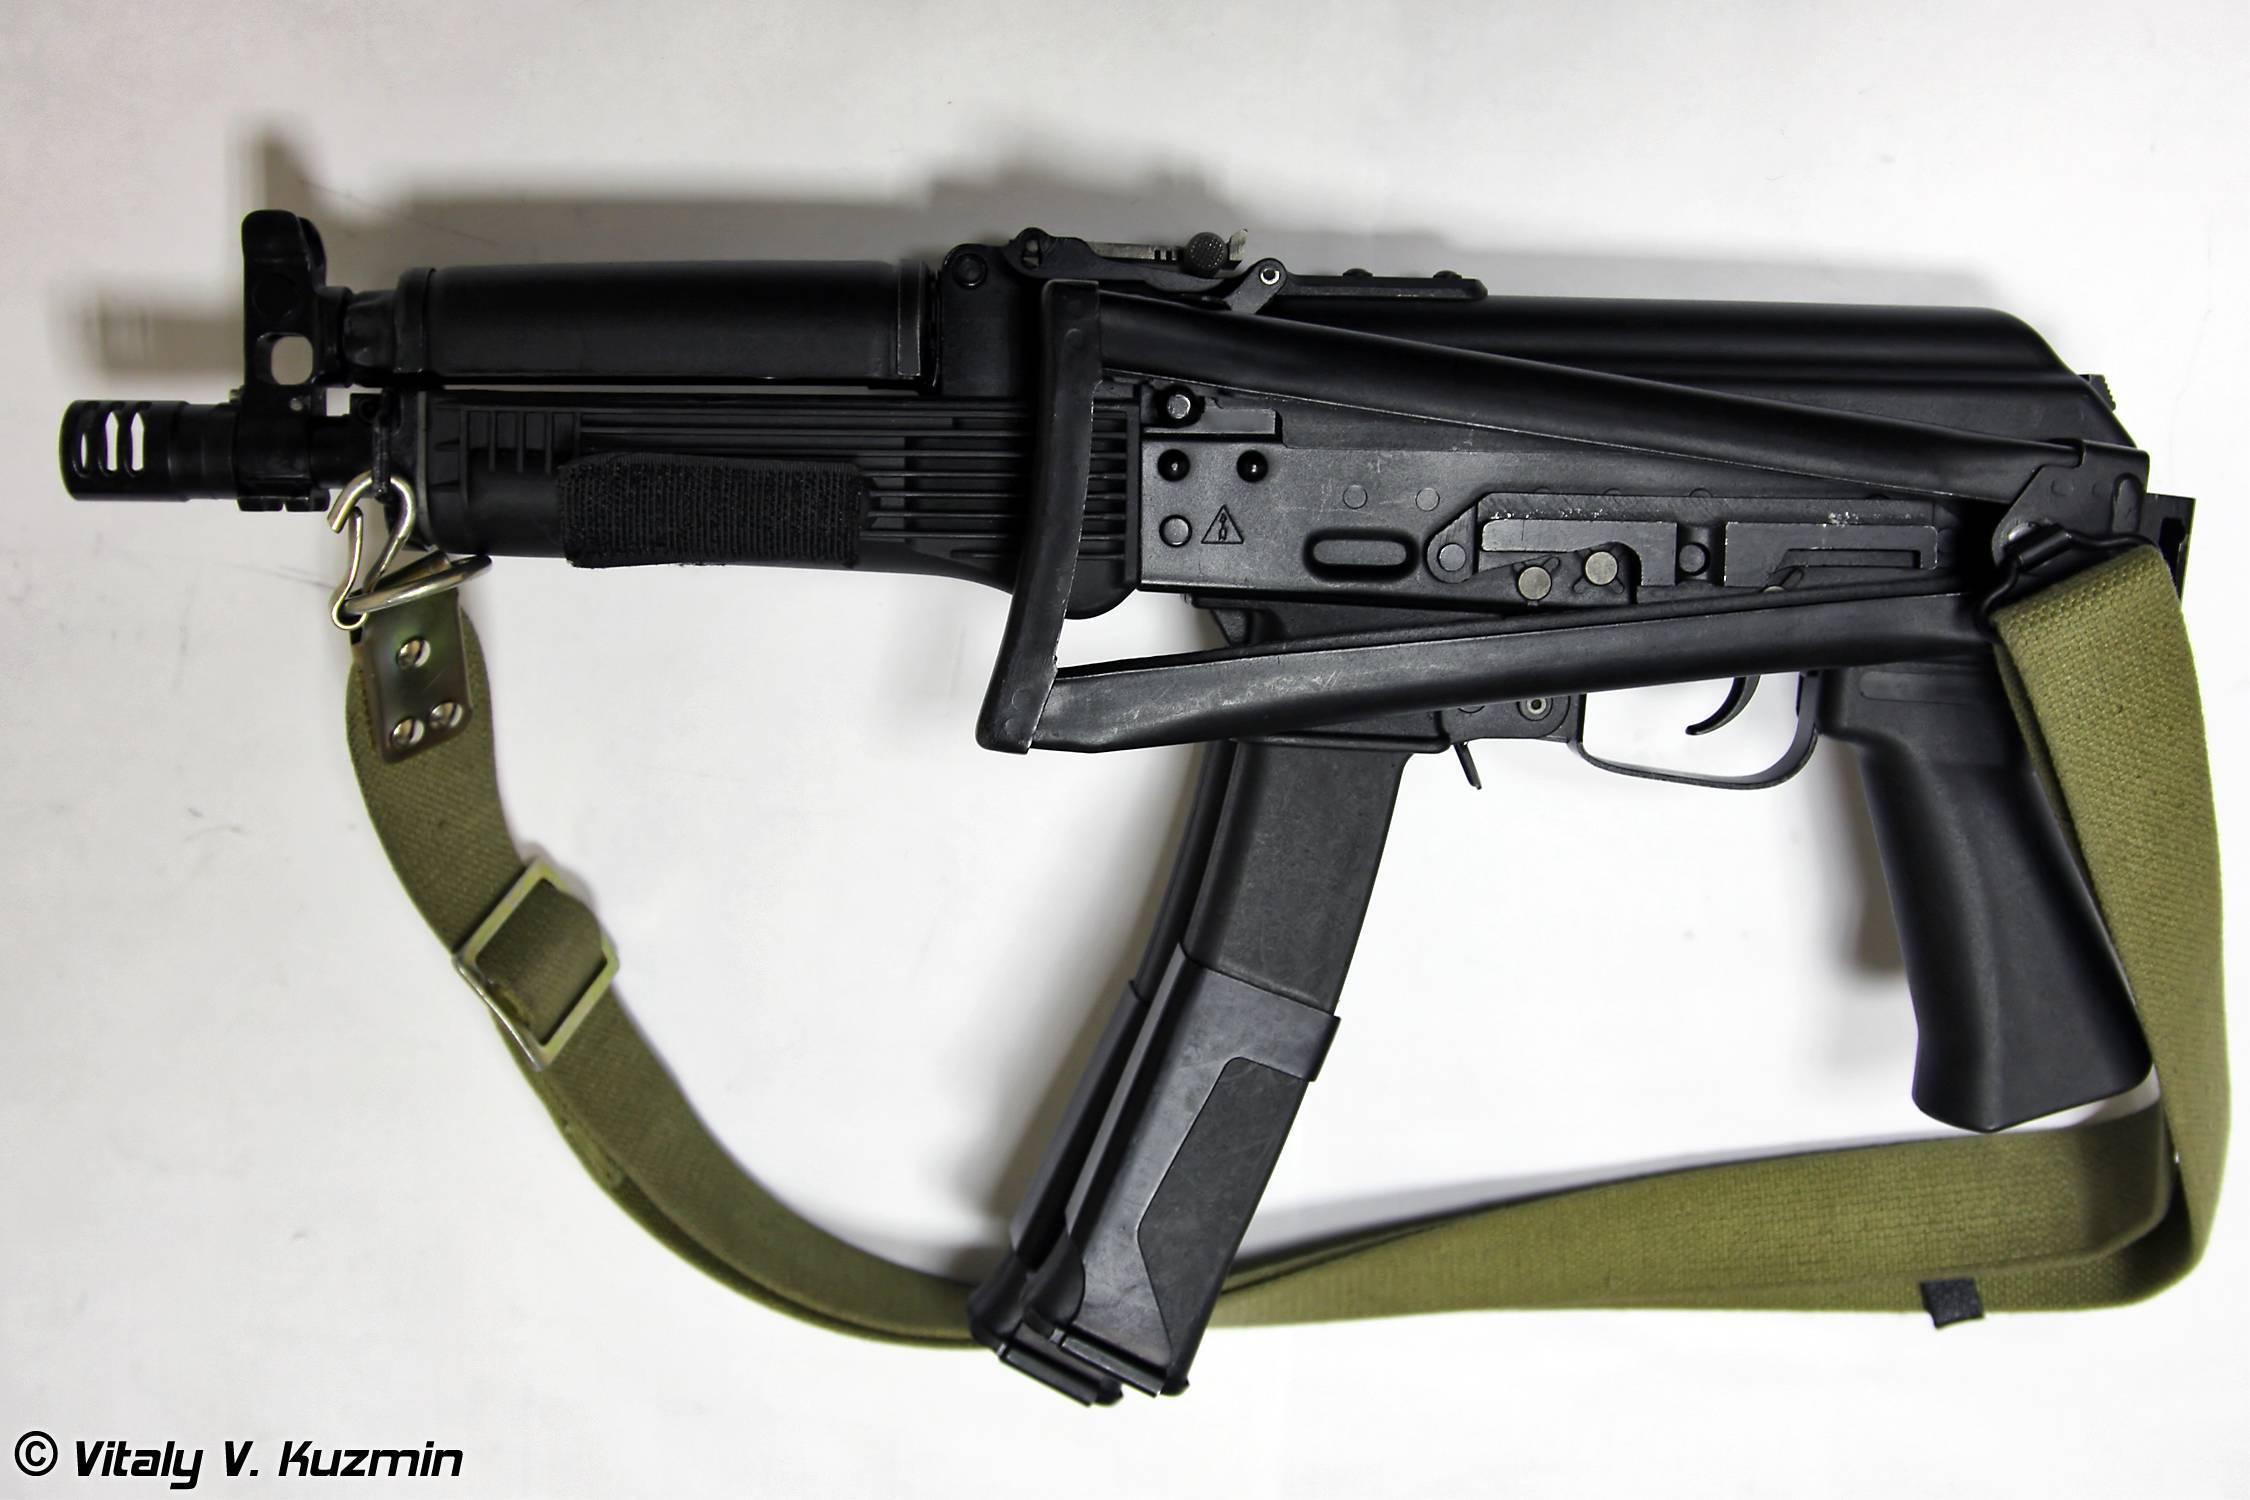 Пп-90м1 ттх. фото. видео. размеры. скорострельность. скорость пули. прицельная дальность. вес